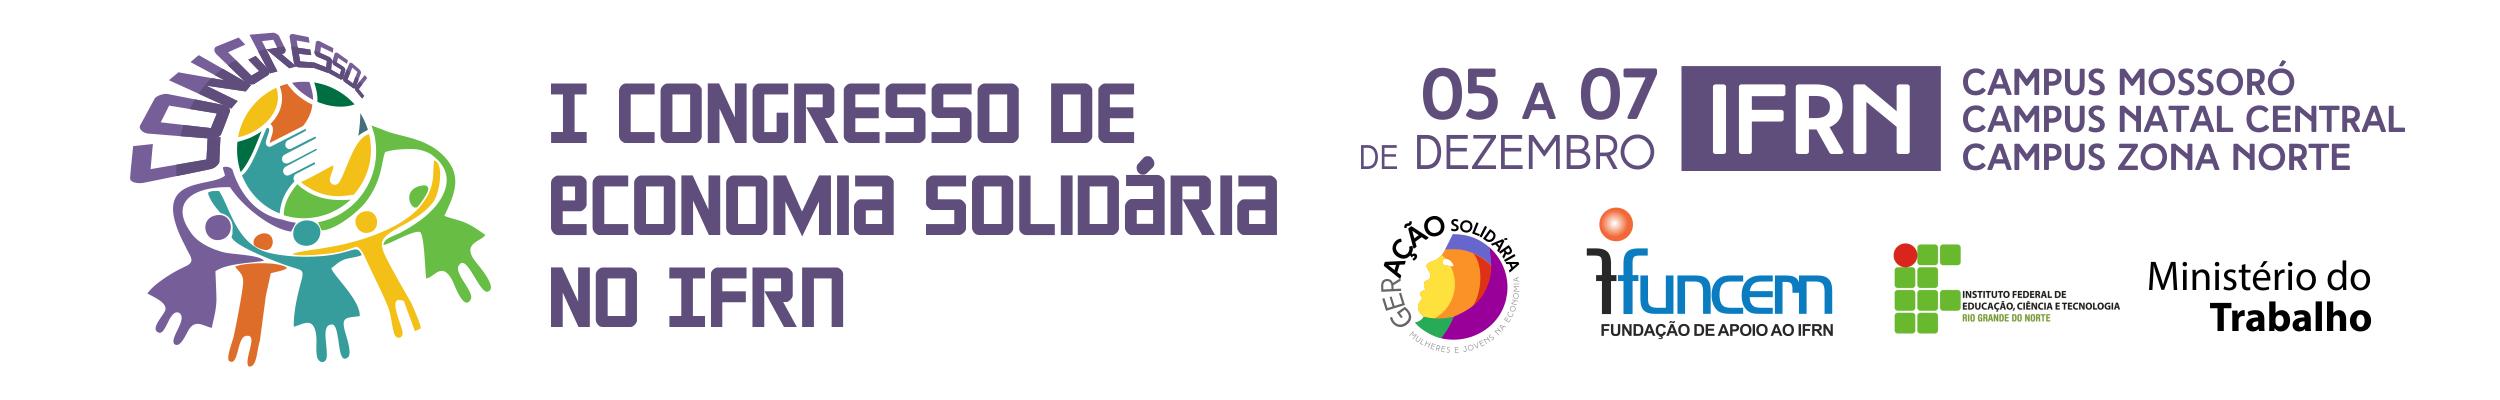 I Congresso de Economia Solidária do IFRN